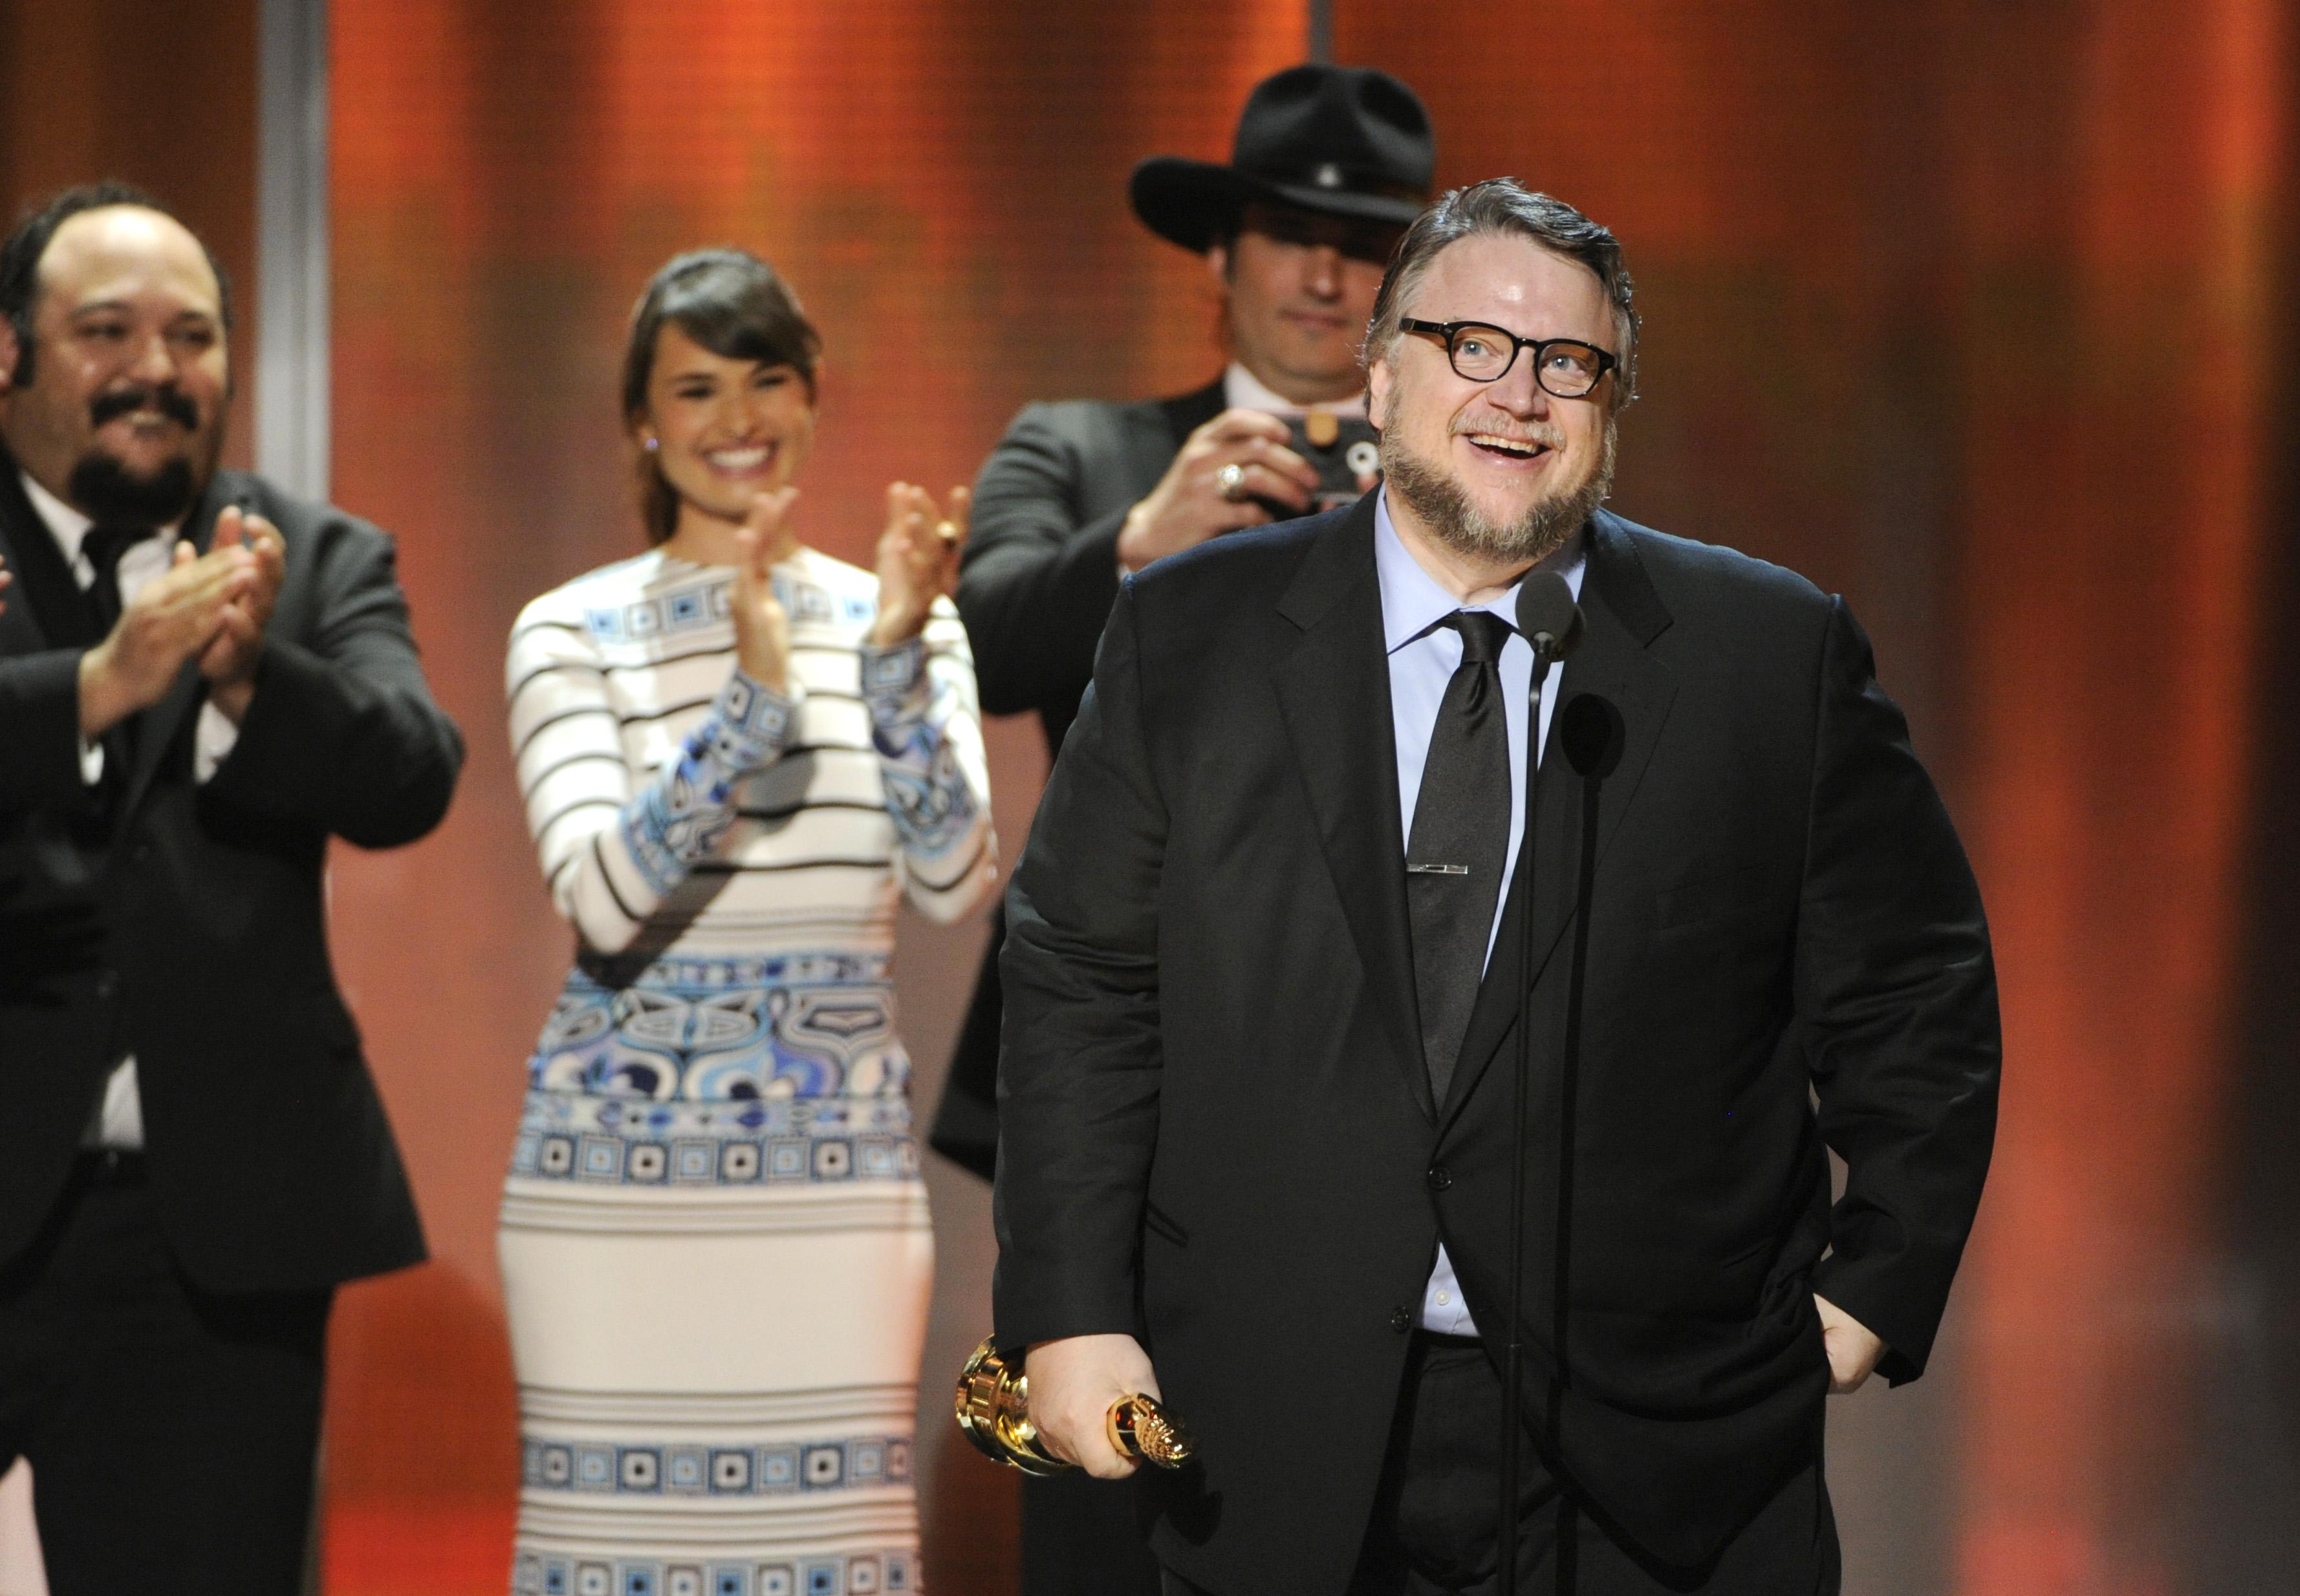 Celebran trayectoria de Guillermo del Toro en Premios Alma